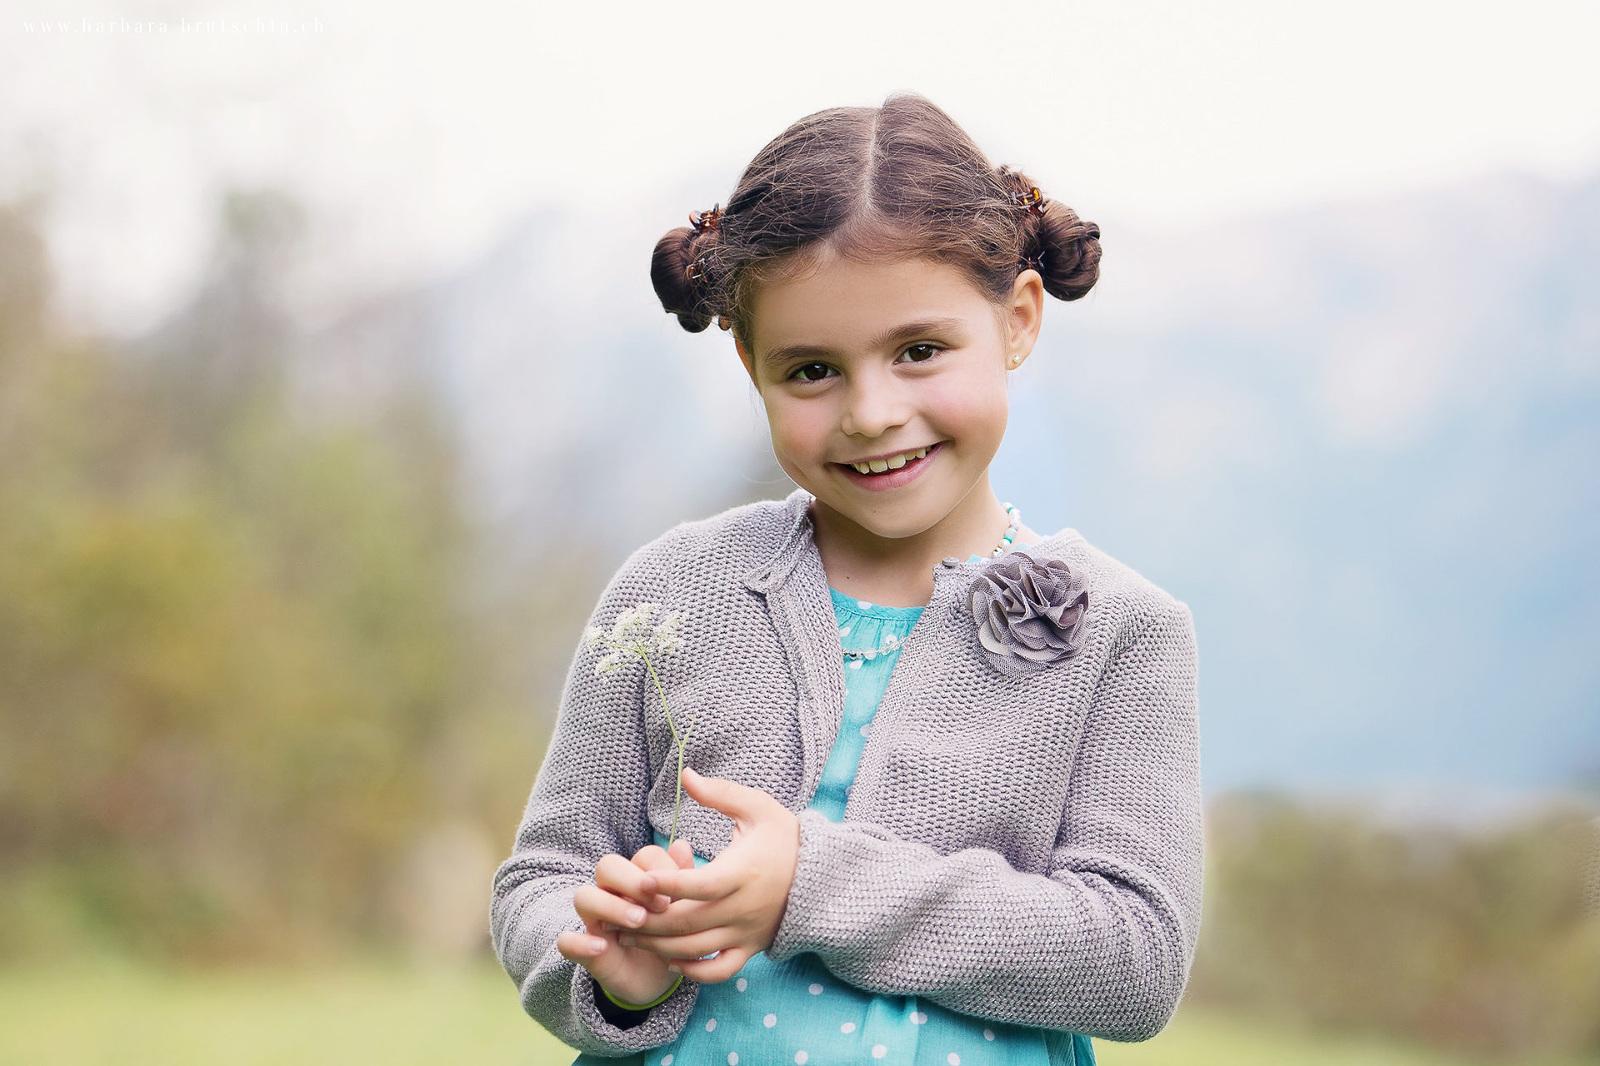 Kinderfotografie in Glarus